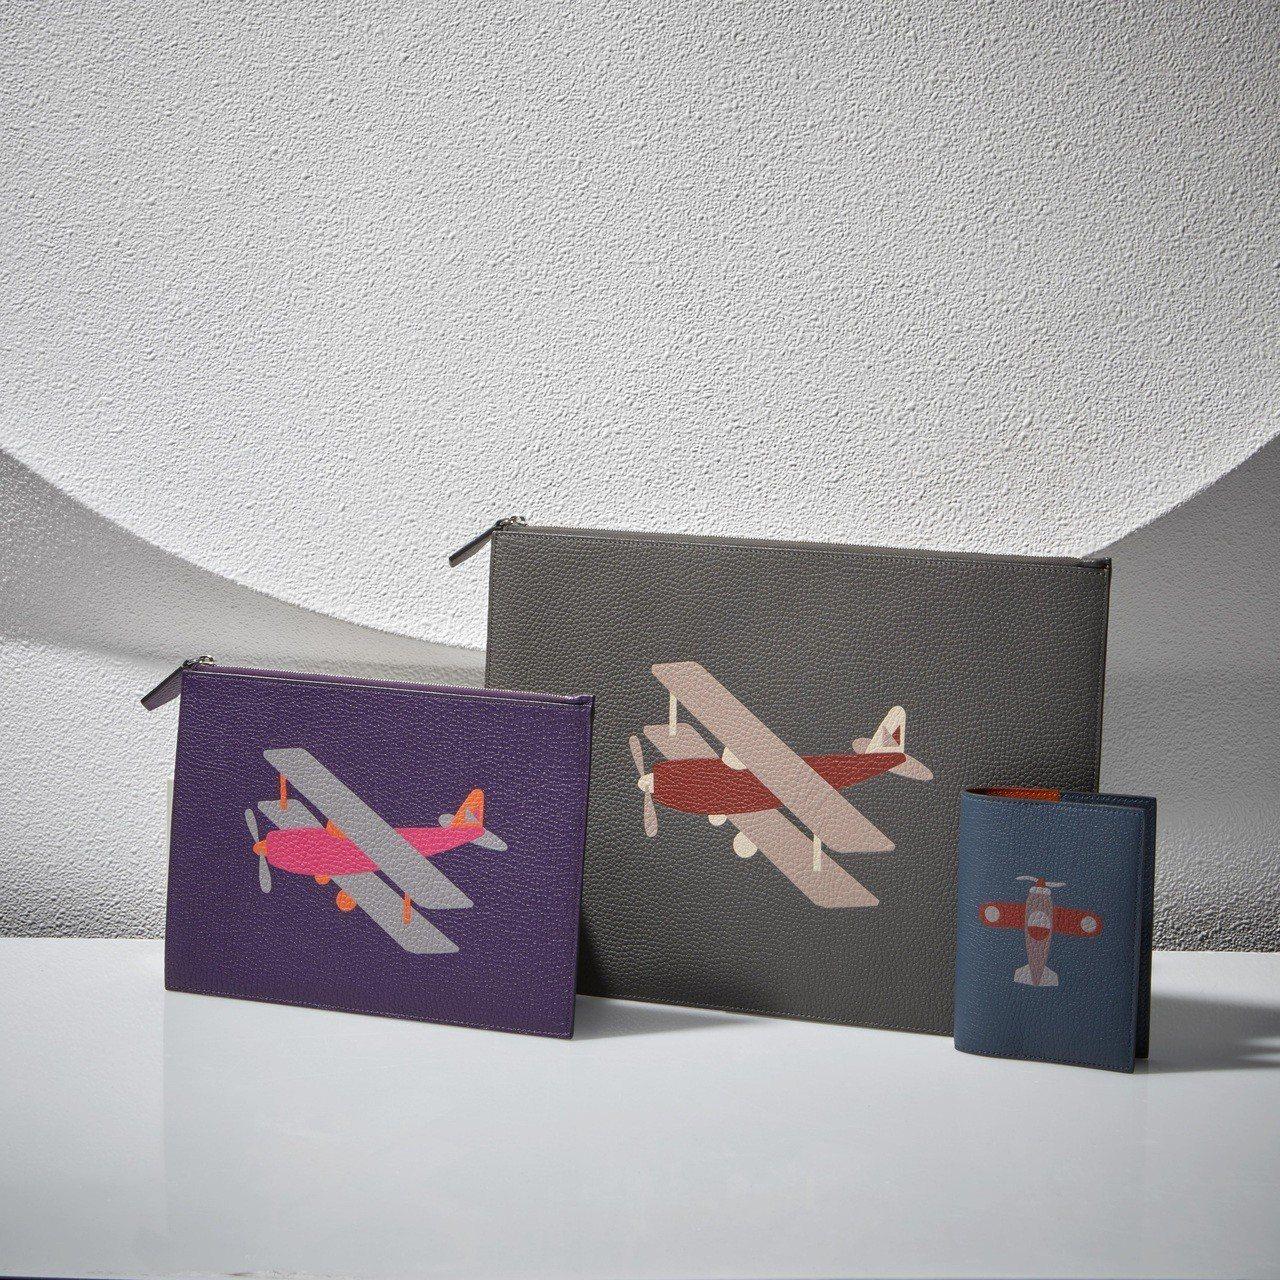 Mosaïque皮革鑲嵌飛機系列。圖/MOYNAT提供